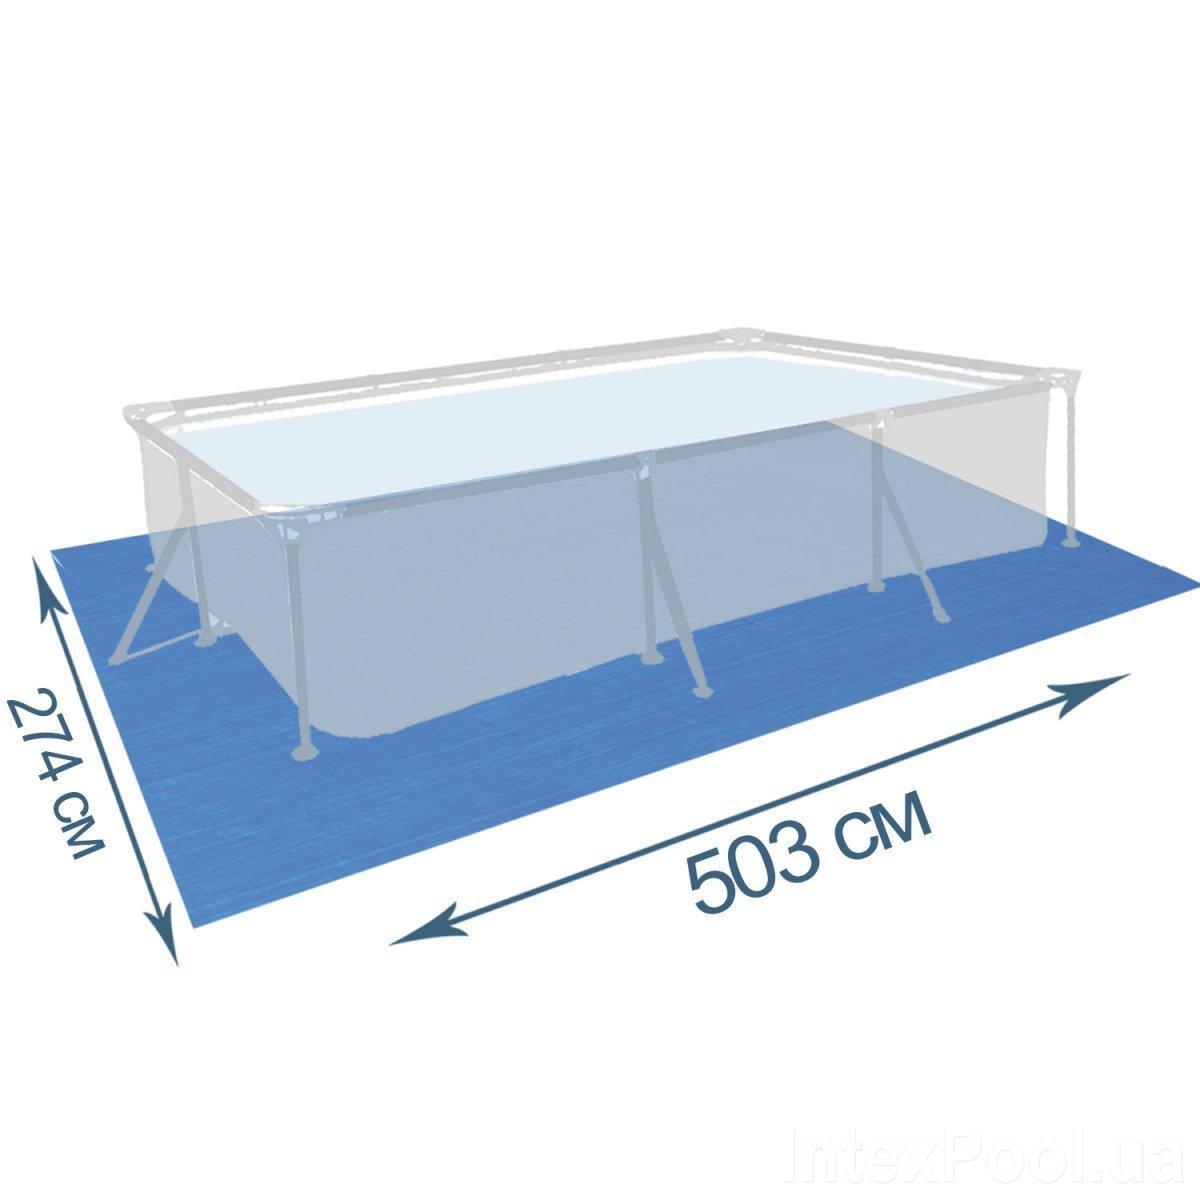 Подстилка для бассейна IntexPool 55011, 503 х 274 см, прямоугольная